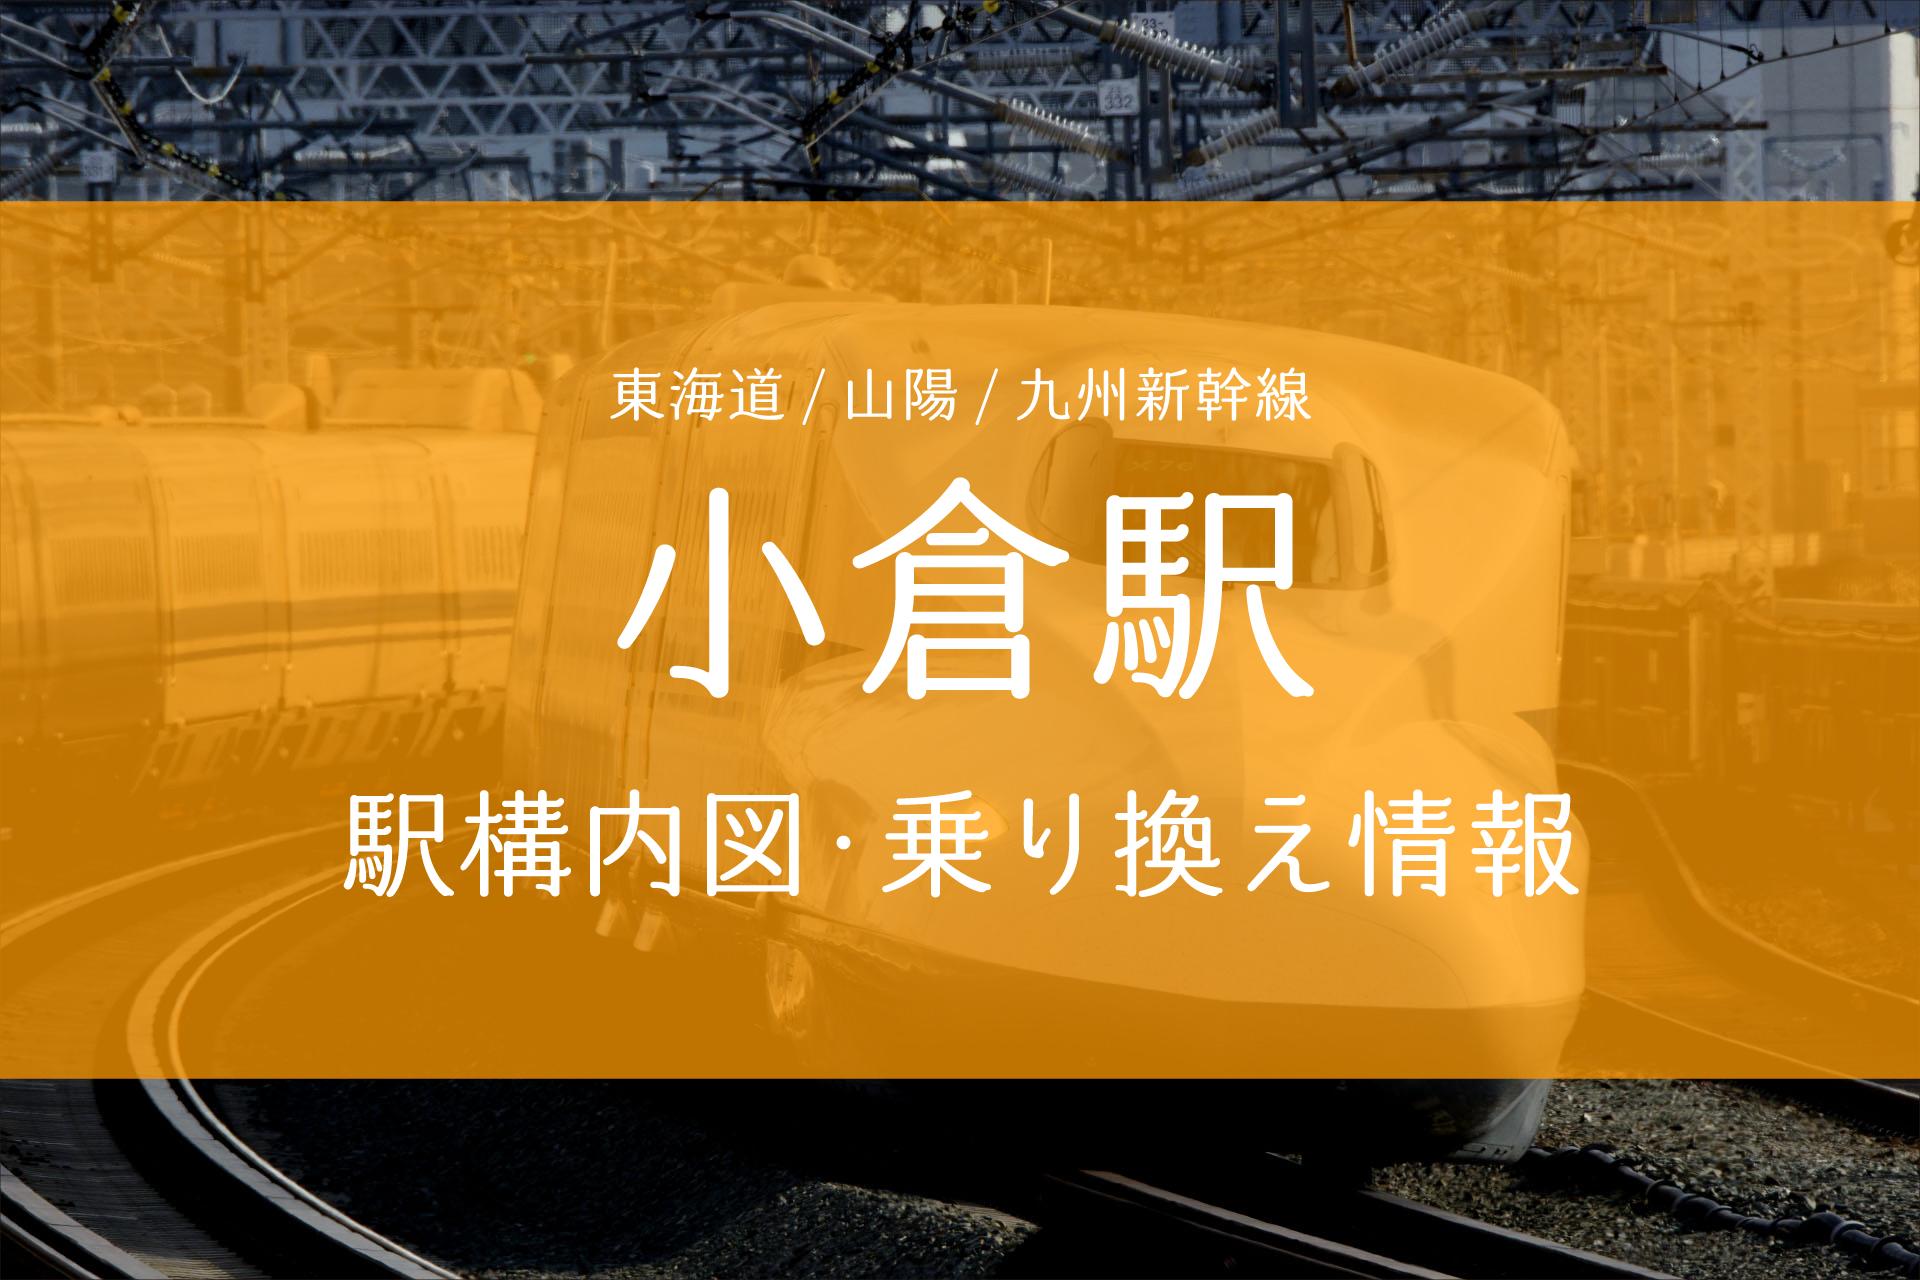 小倉駅構内図・乗り換え情報